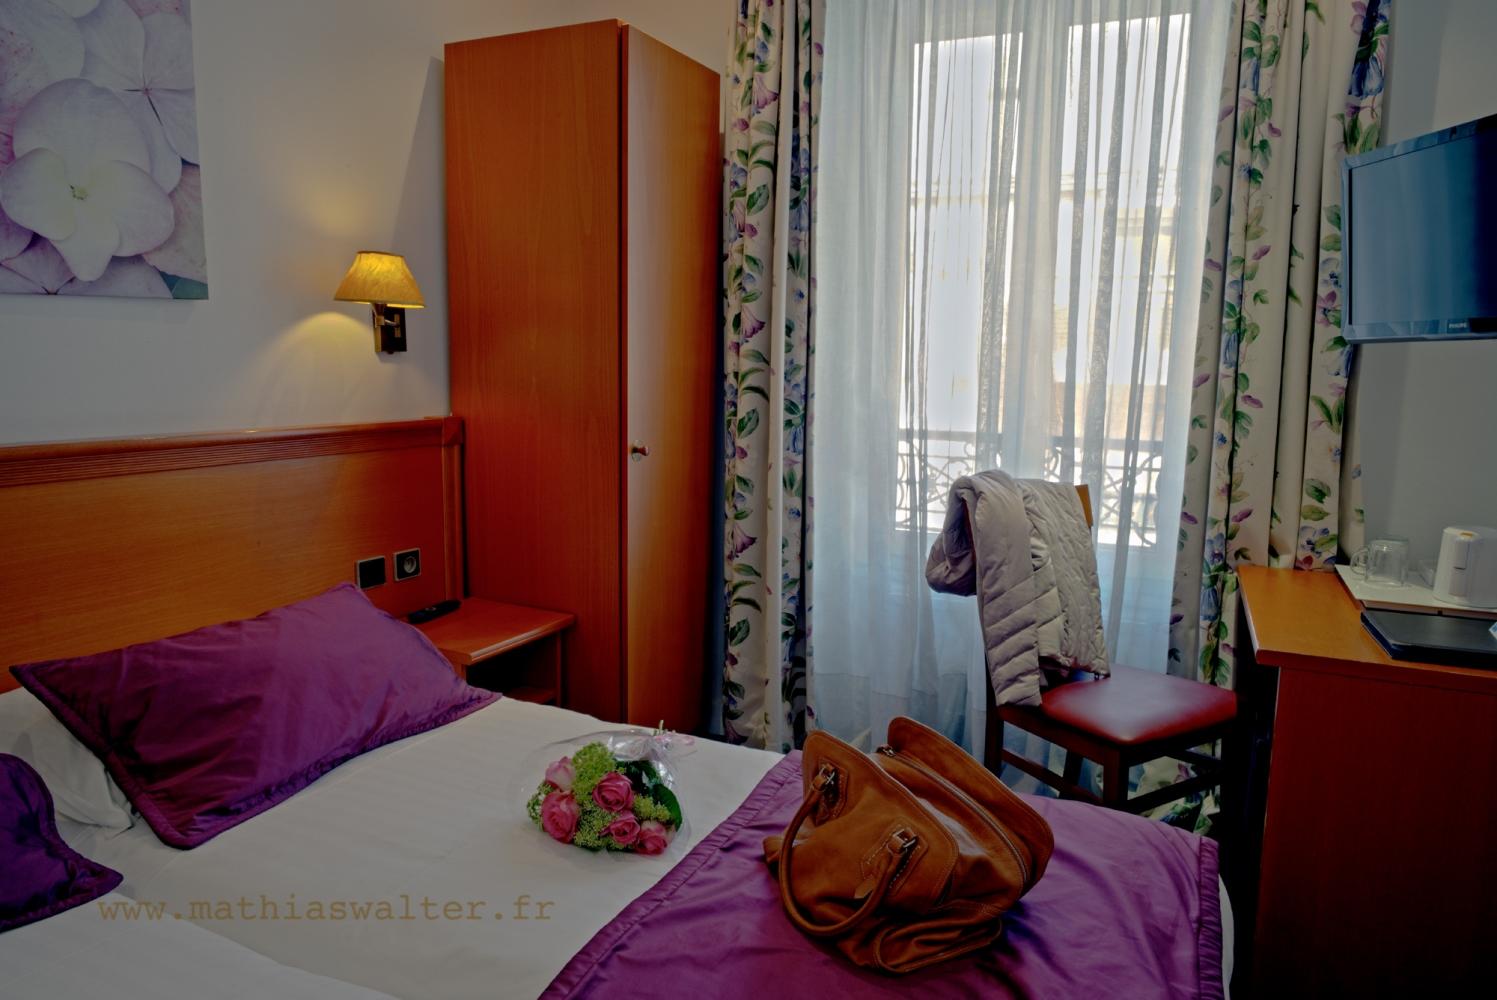 chambre twin bain - chambre d'hôtel paris montparnasse 14